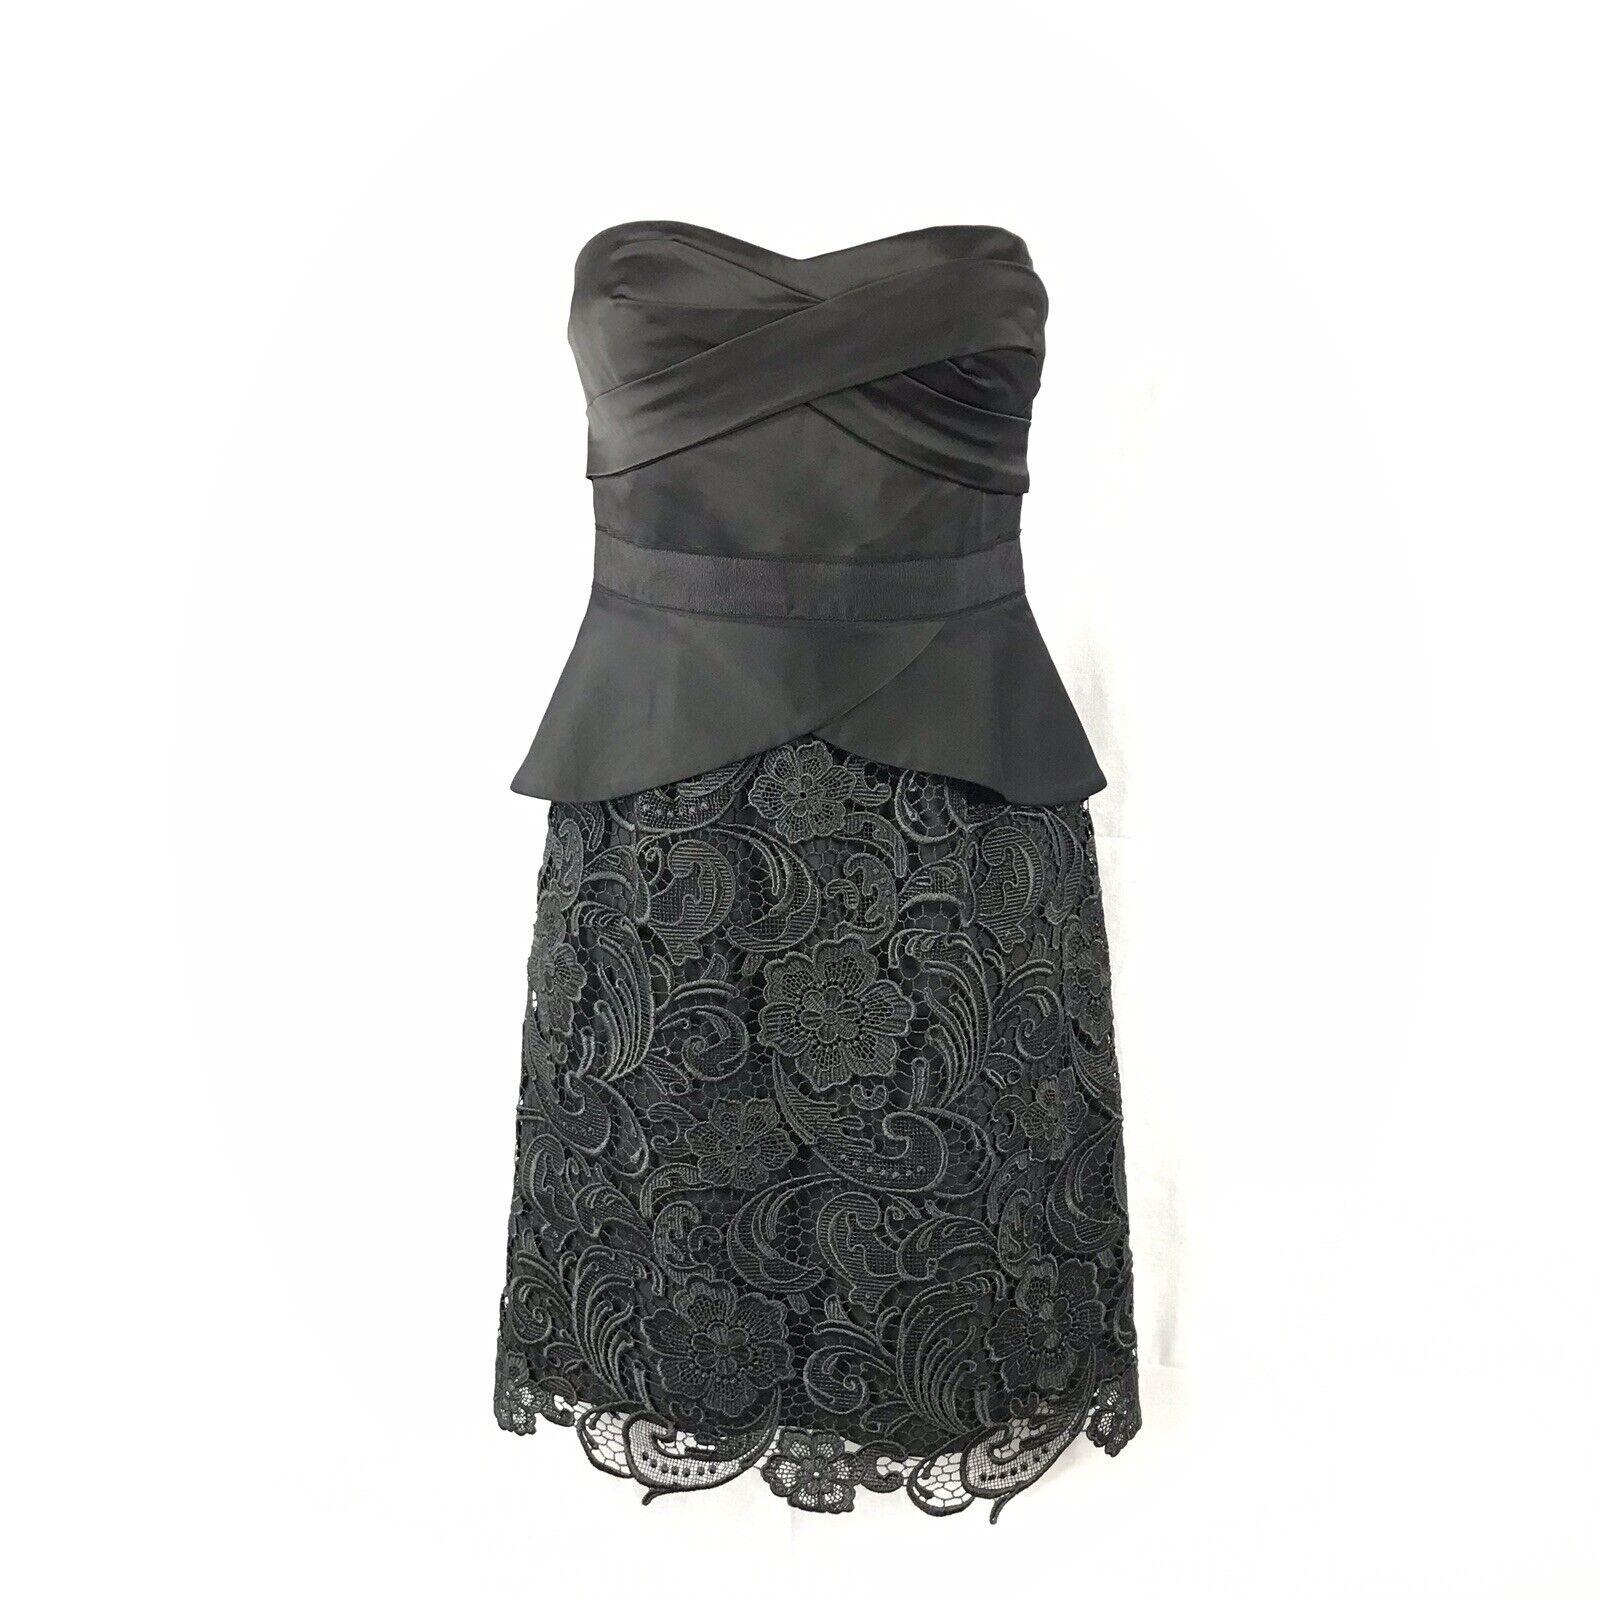 BCBG MAX AZRIA schwarz Woven Dress Größe 6